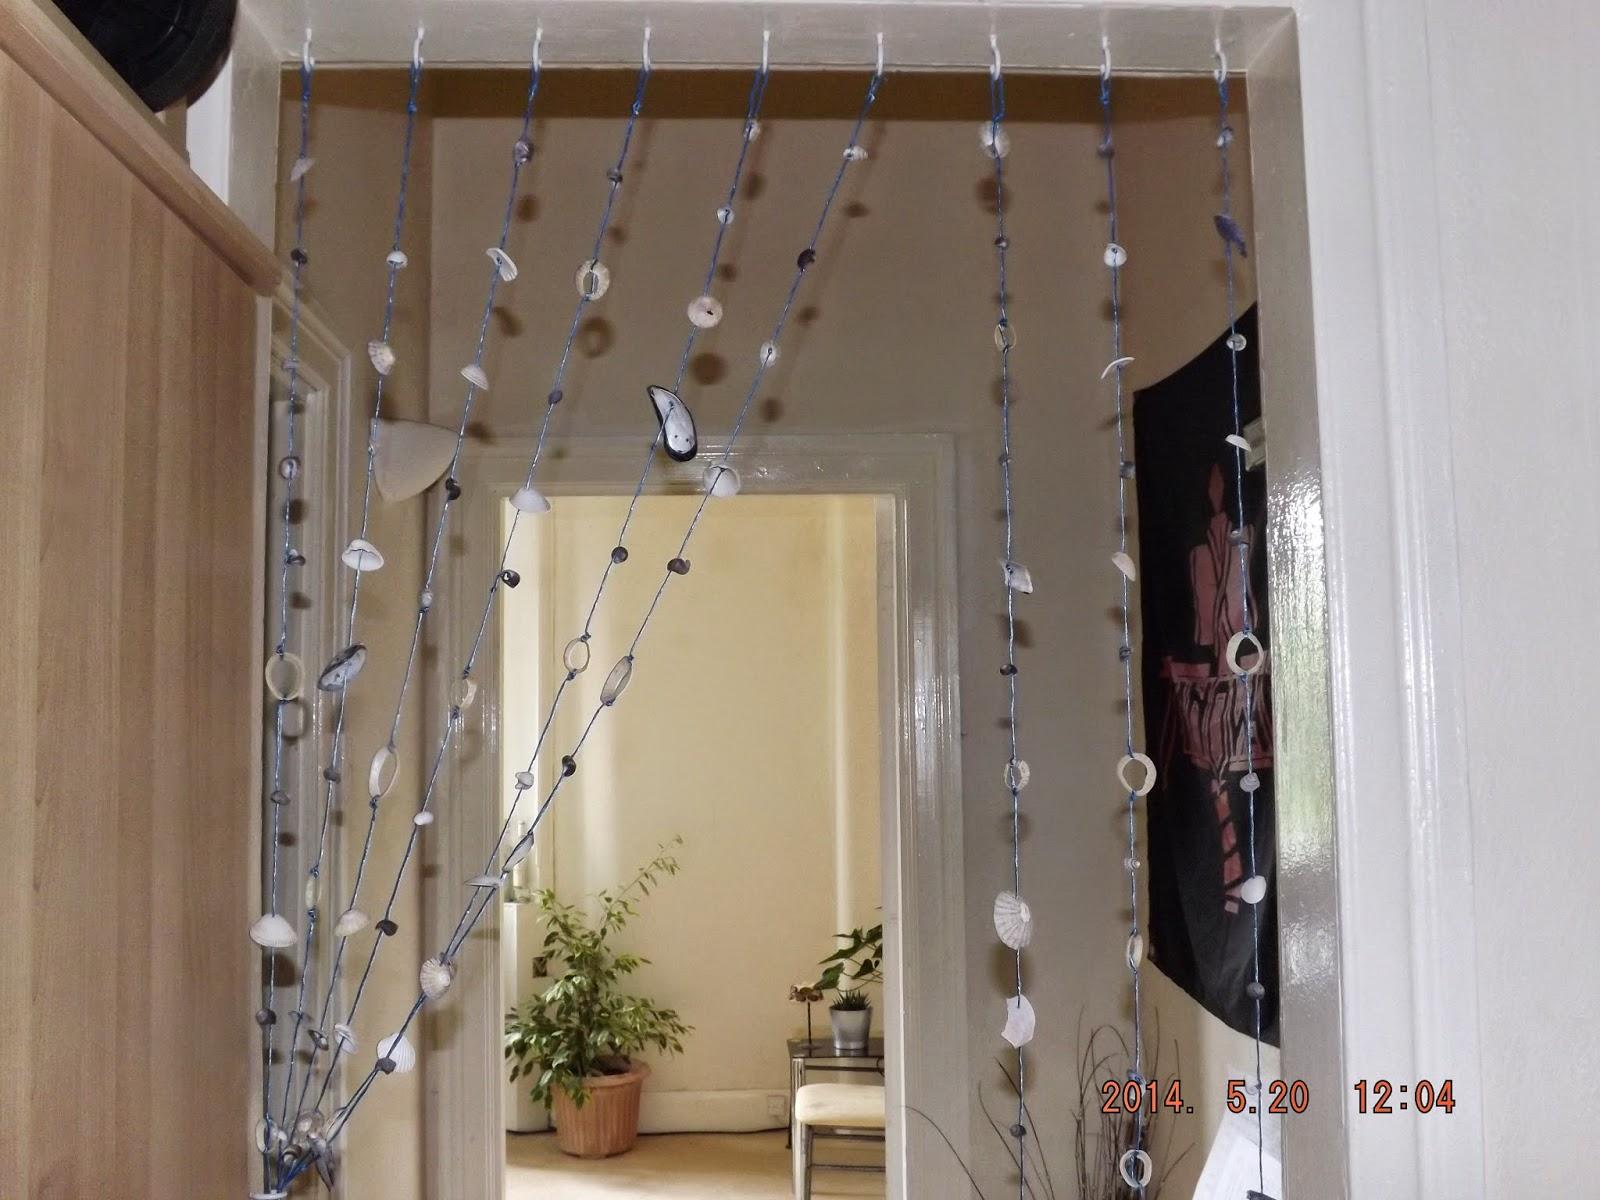 A felszerelt kagylófüggöny elhúzva a szobák között